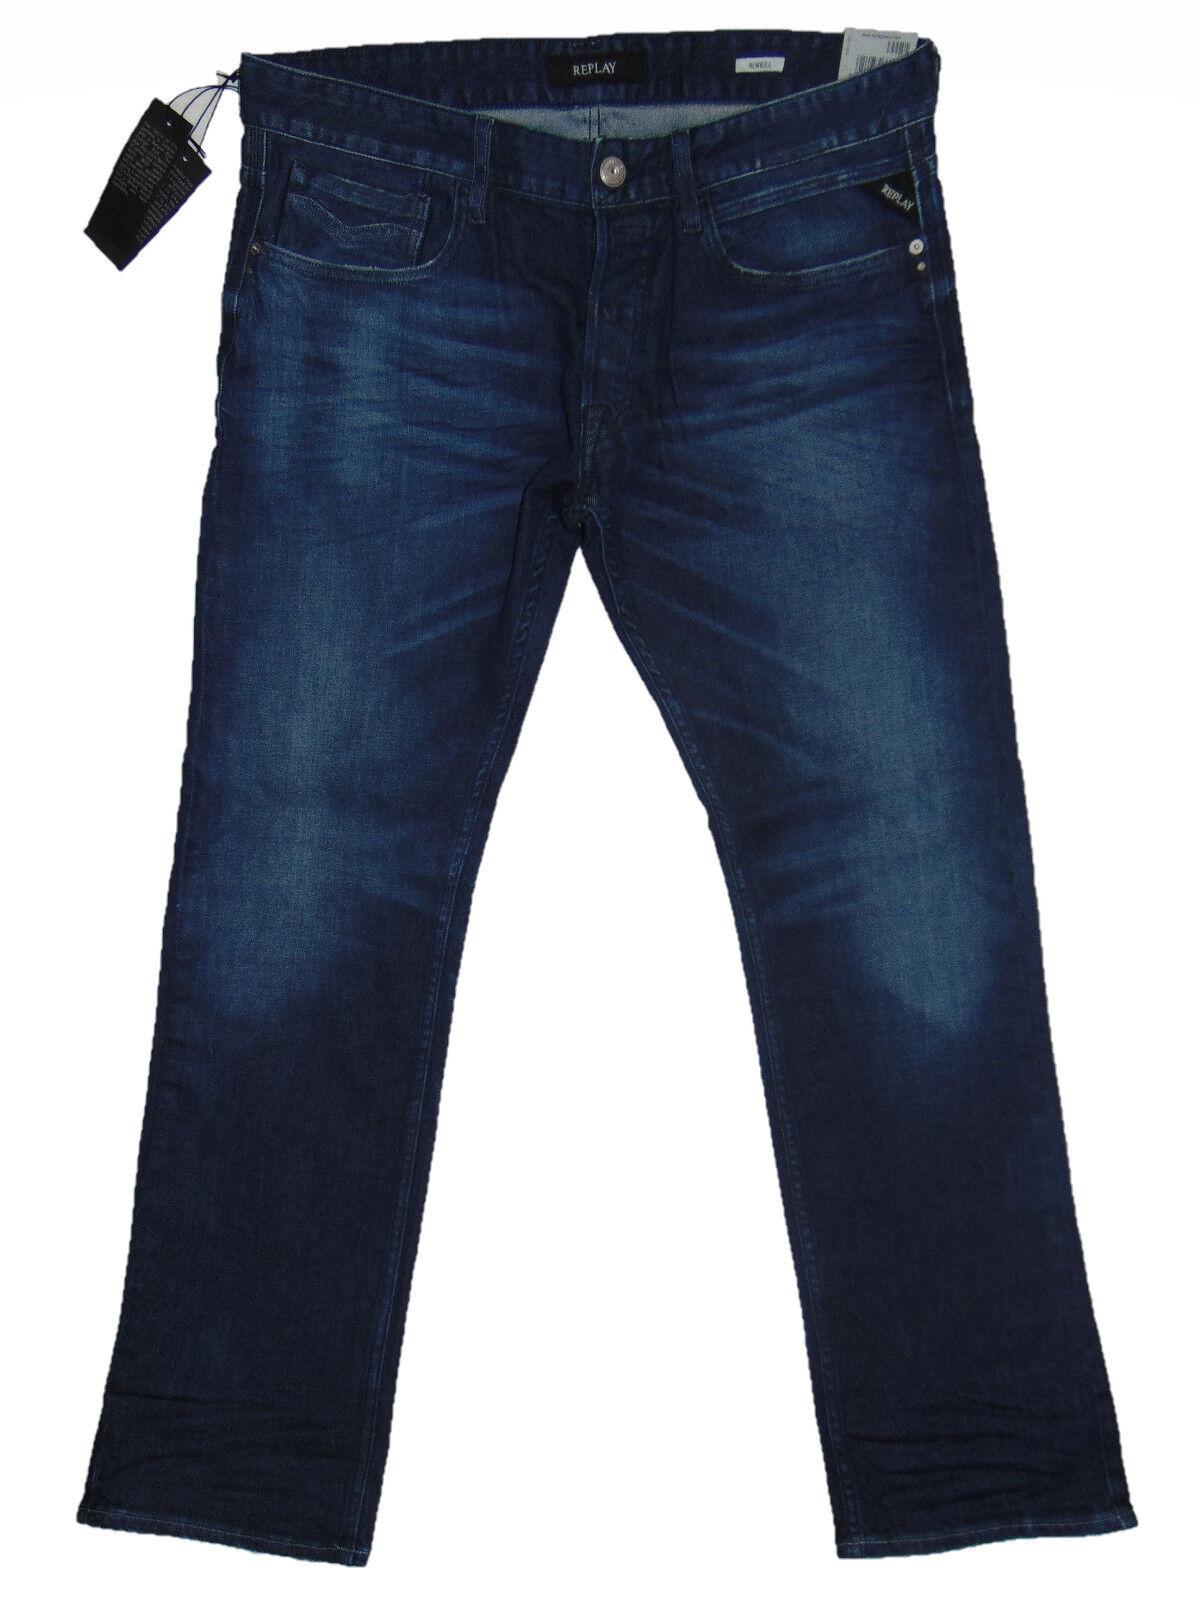 Replay LASER NEWBILL Straight Leg  W34 L32 Mens bluee Denim Jeans